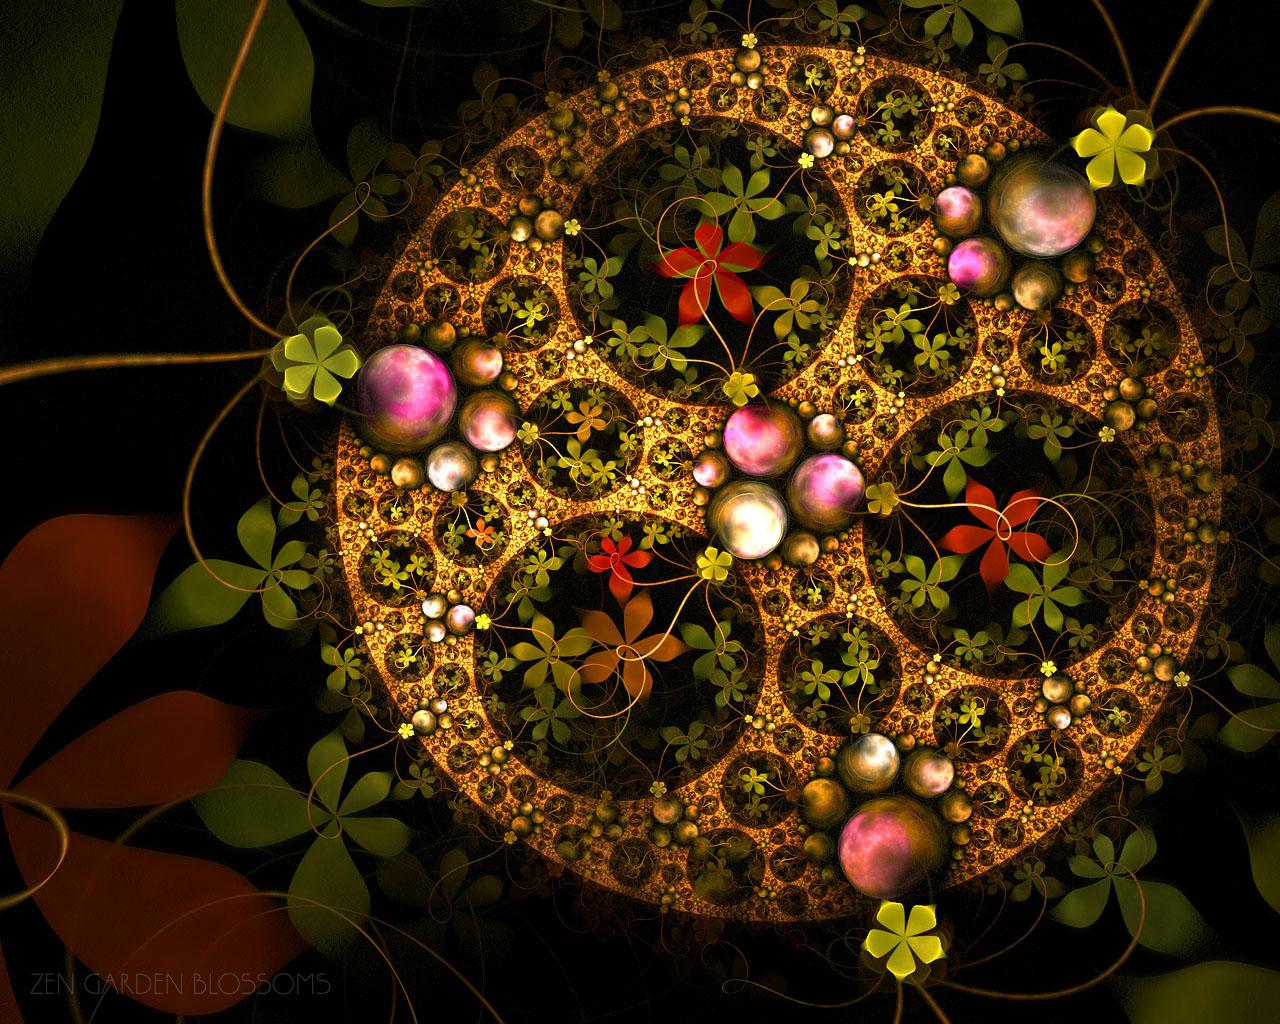 ZEN Garden Blossoms - ZEN Garden Blossoms